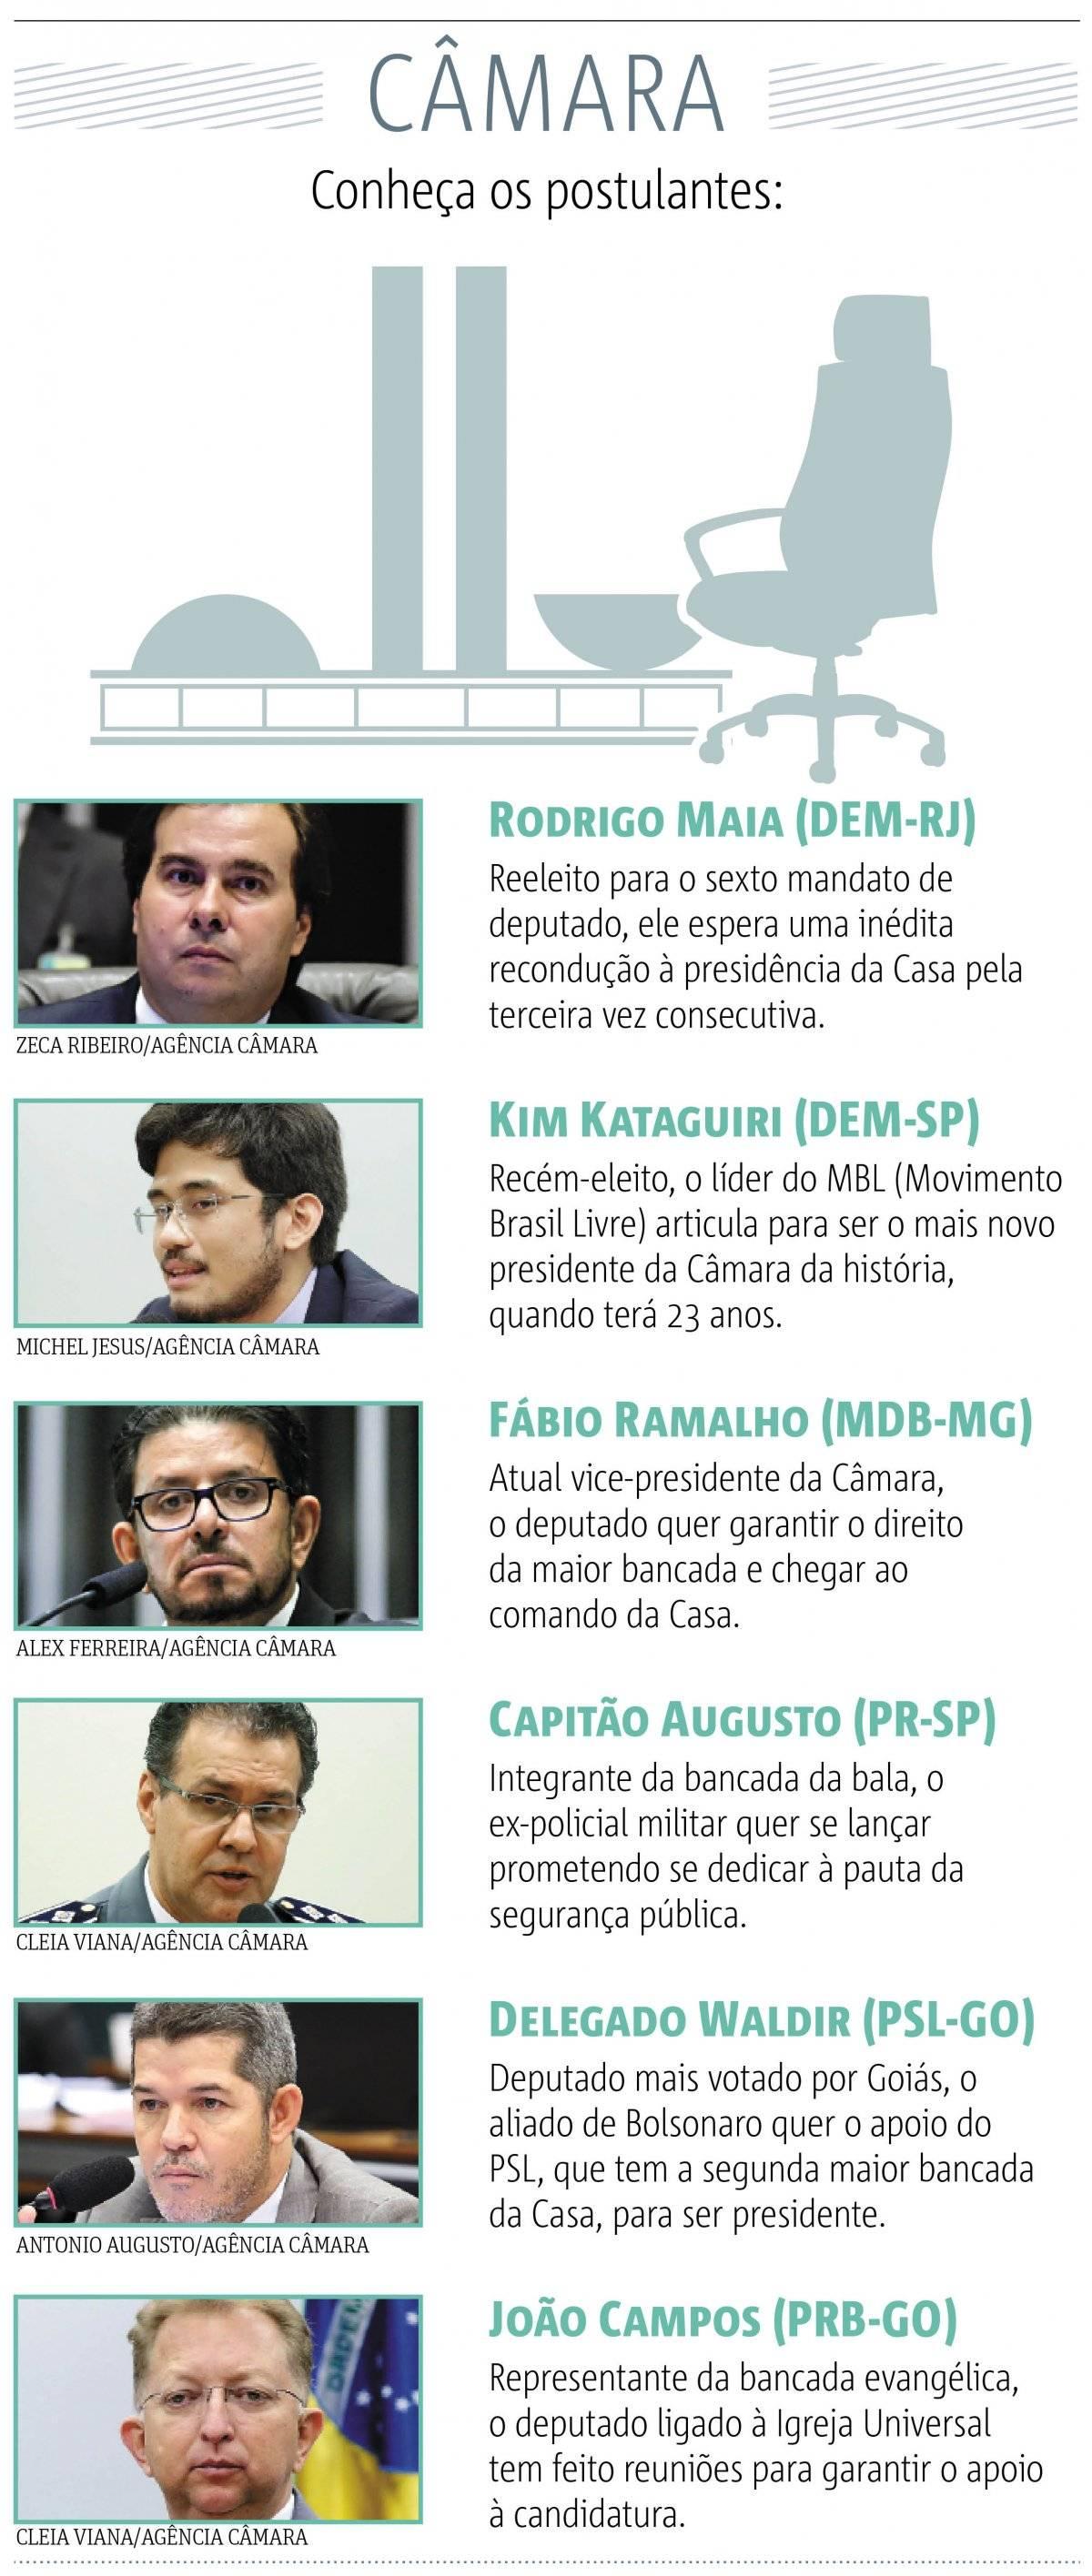 Câmara eleições pré candidatos